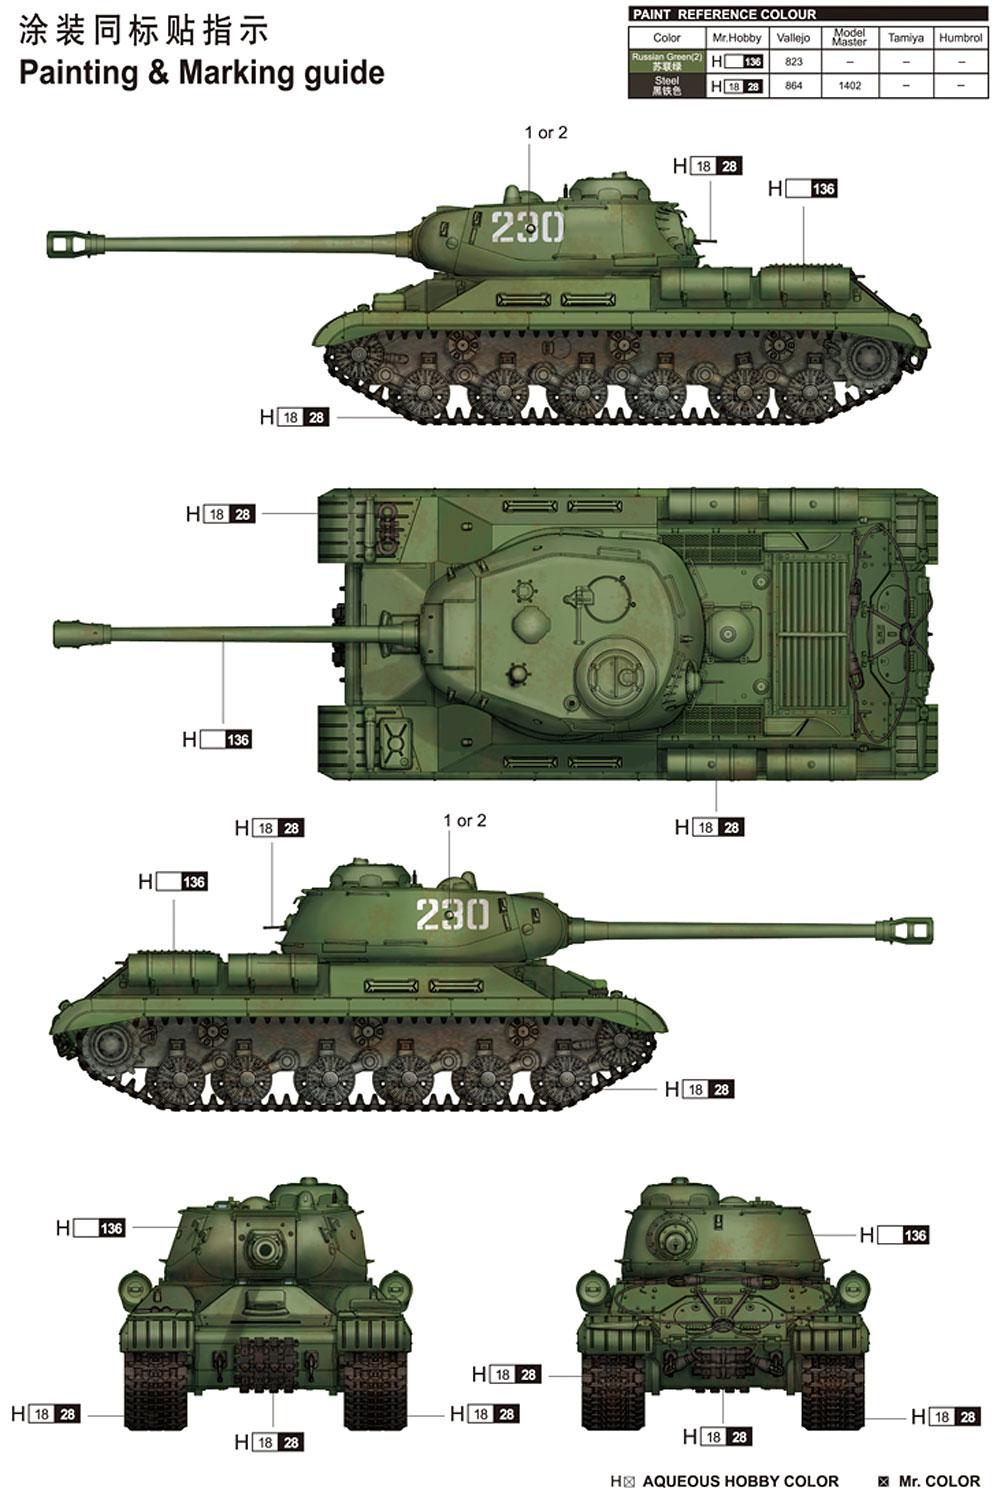 ソビエト JS-2M 重戦車 後期型プラモデル(トランペッター1/35 AFVシリーズNo.05590)商品画像_2